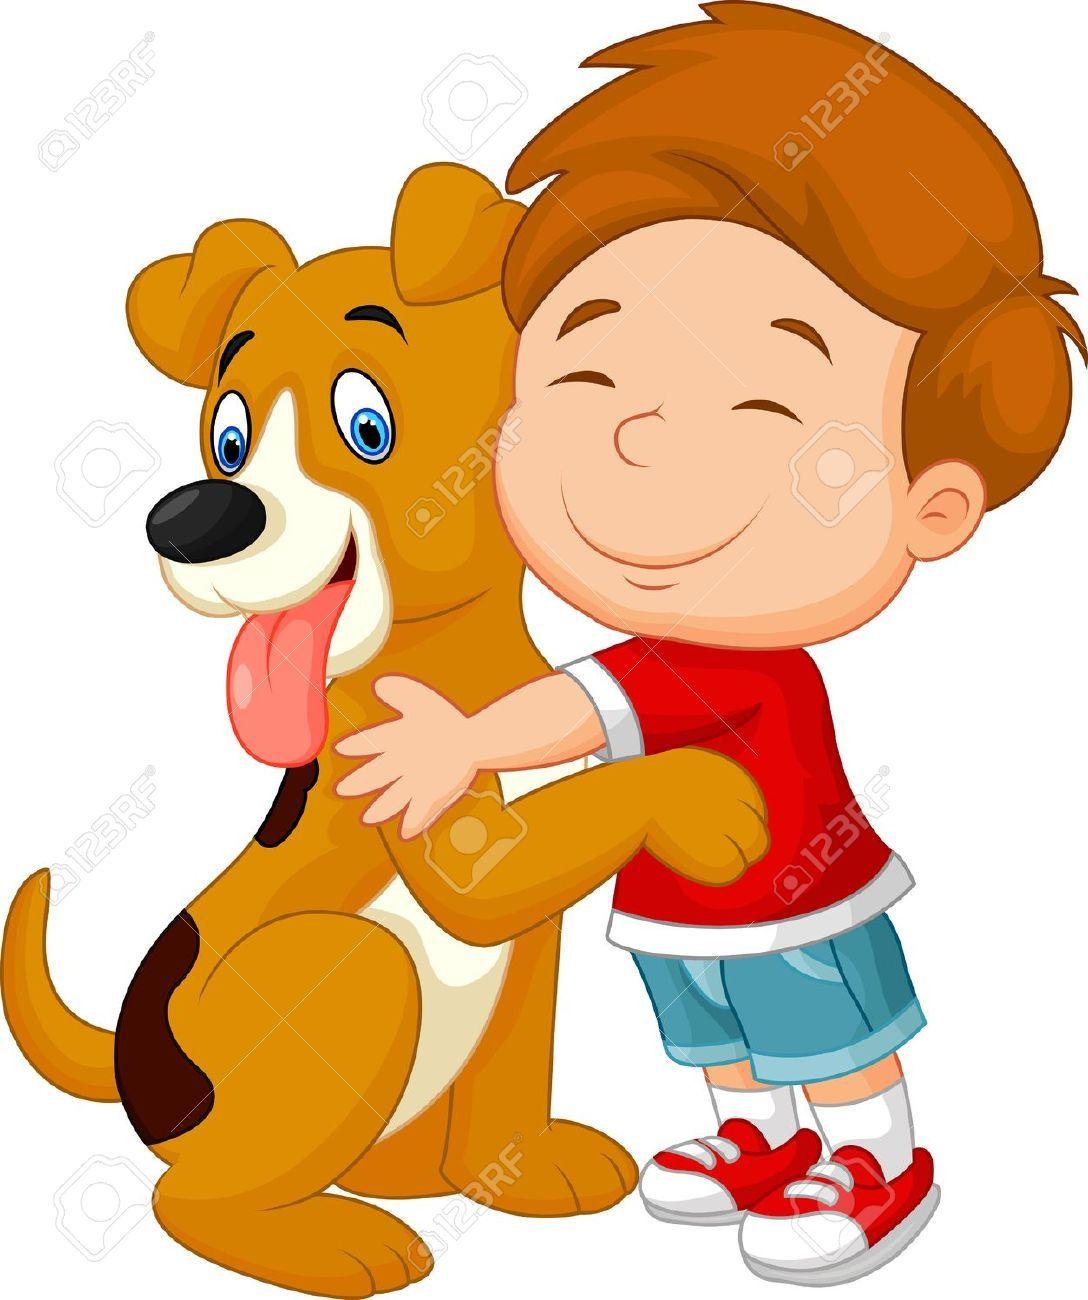 34098918 De Dibujos Animados Feliz Muchacho Joven Con Amor Abrazando A Su Perro Mascota Foto De Perros Para Ninos Dibujos De Animales Tiernos Trenes Para Ninos